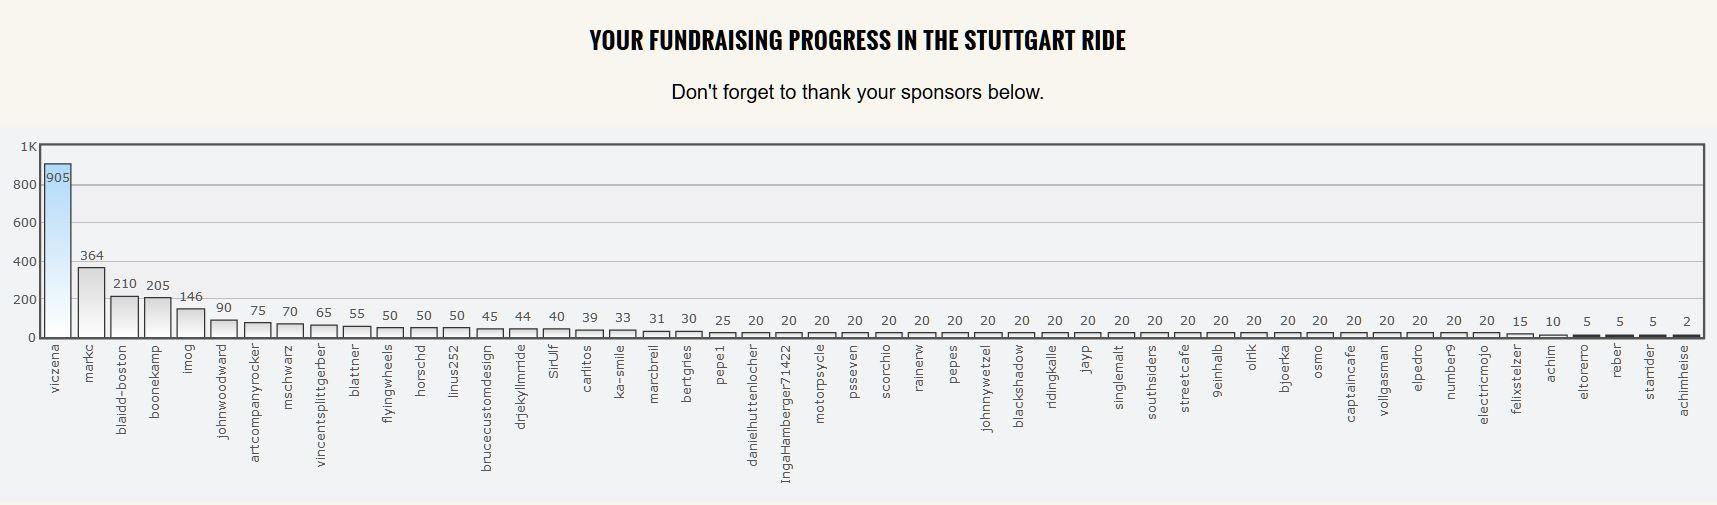 Klicken Sie auf die Grafik für eine größere Ansicht  Name:fundraising.JPG Hits:1073 Größe:92,3 KB ID:2562